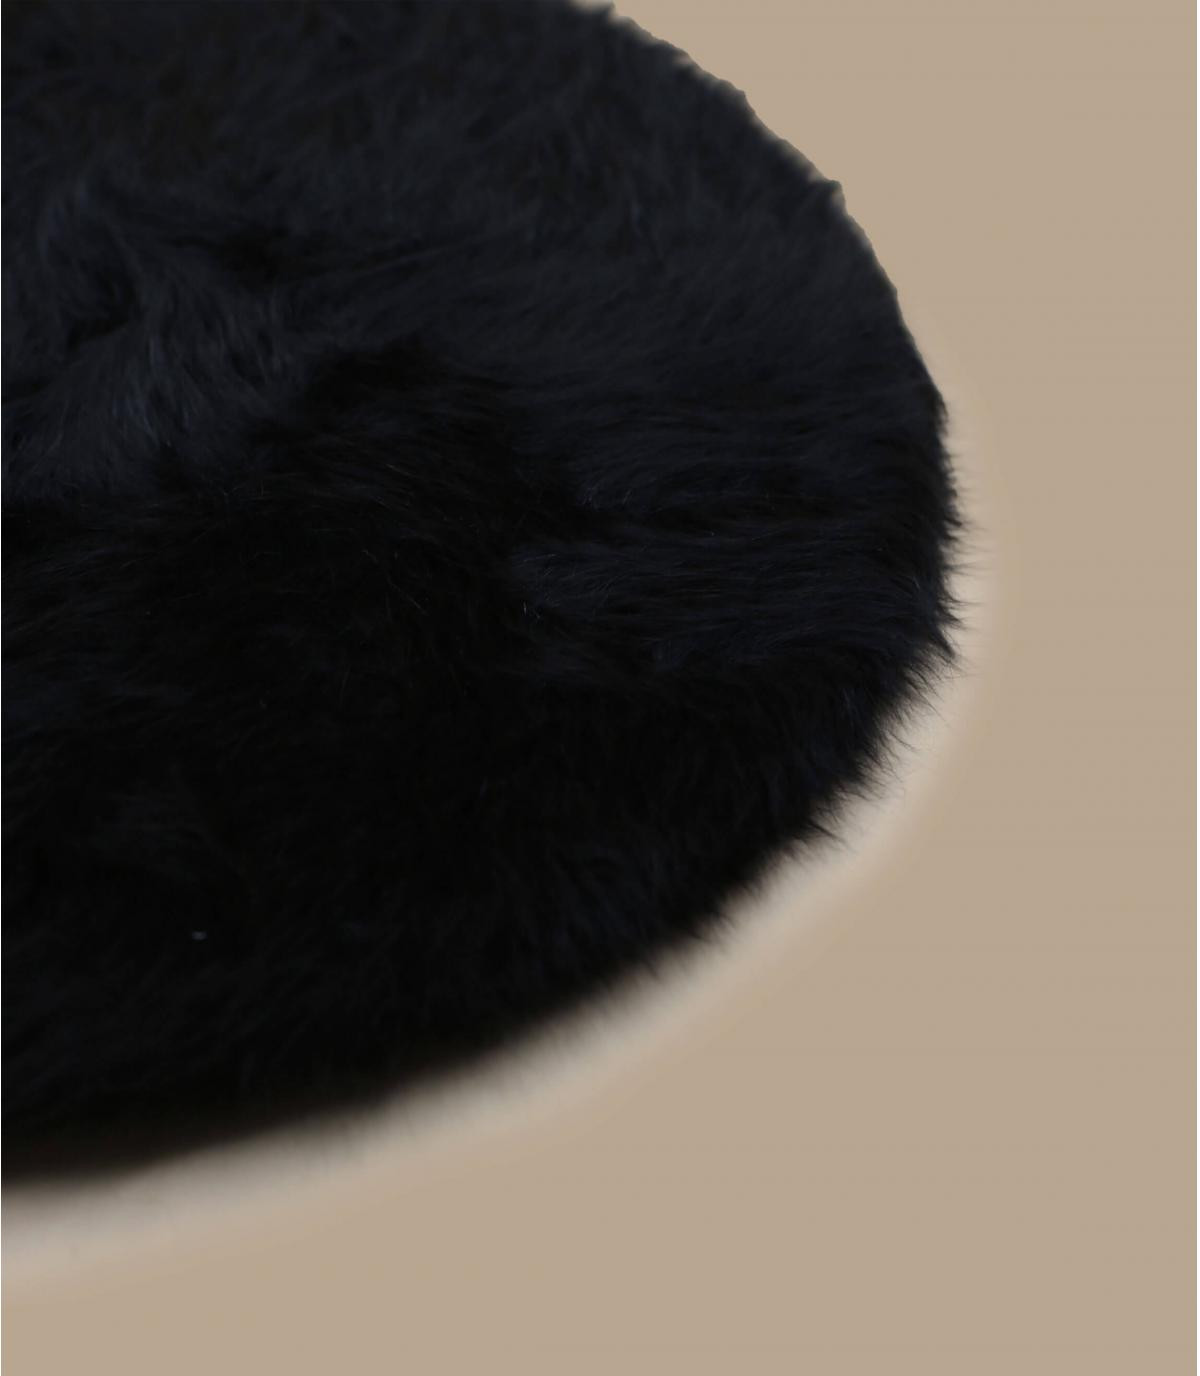 Détails Beret angora black - image 3